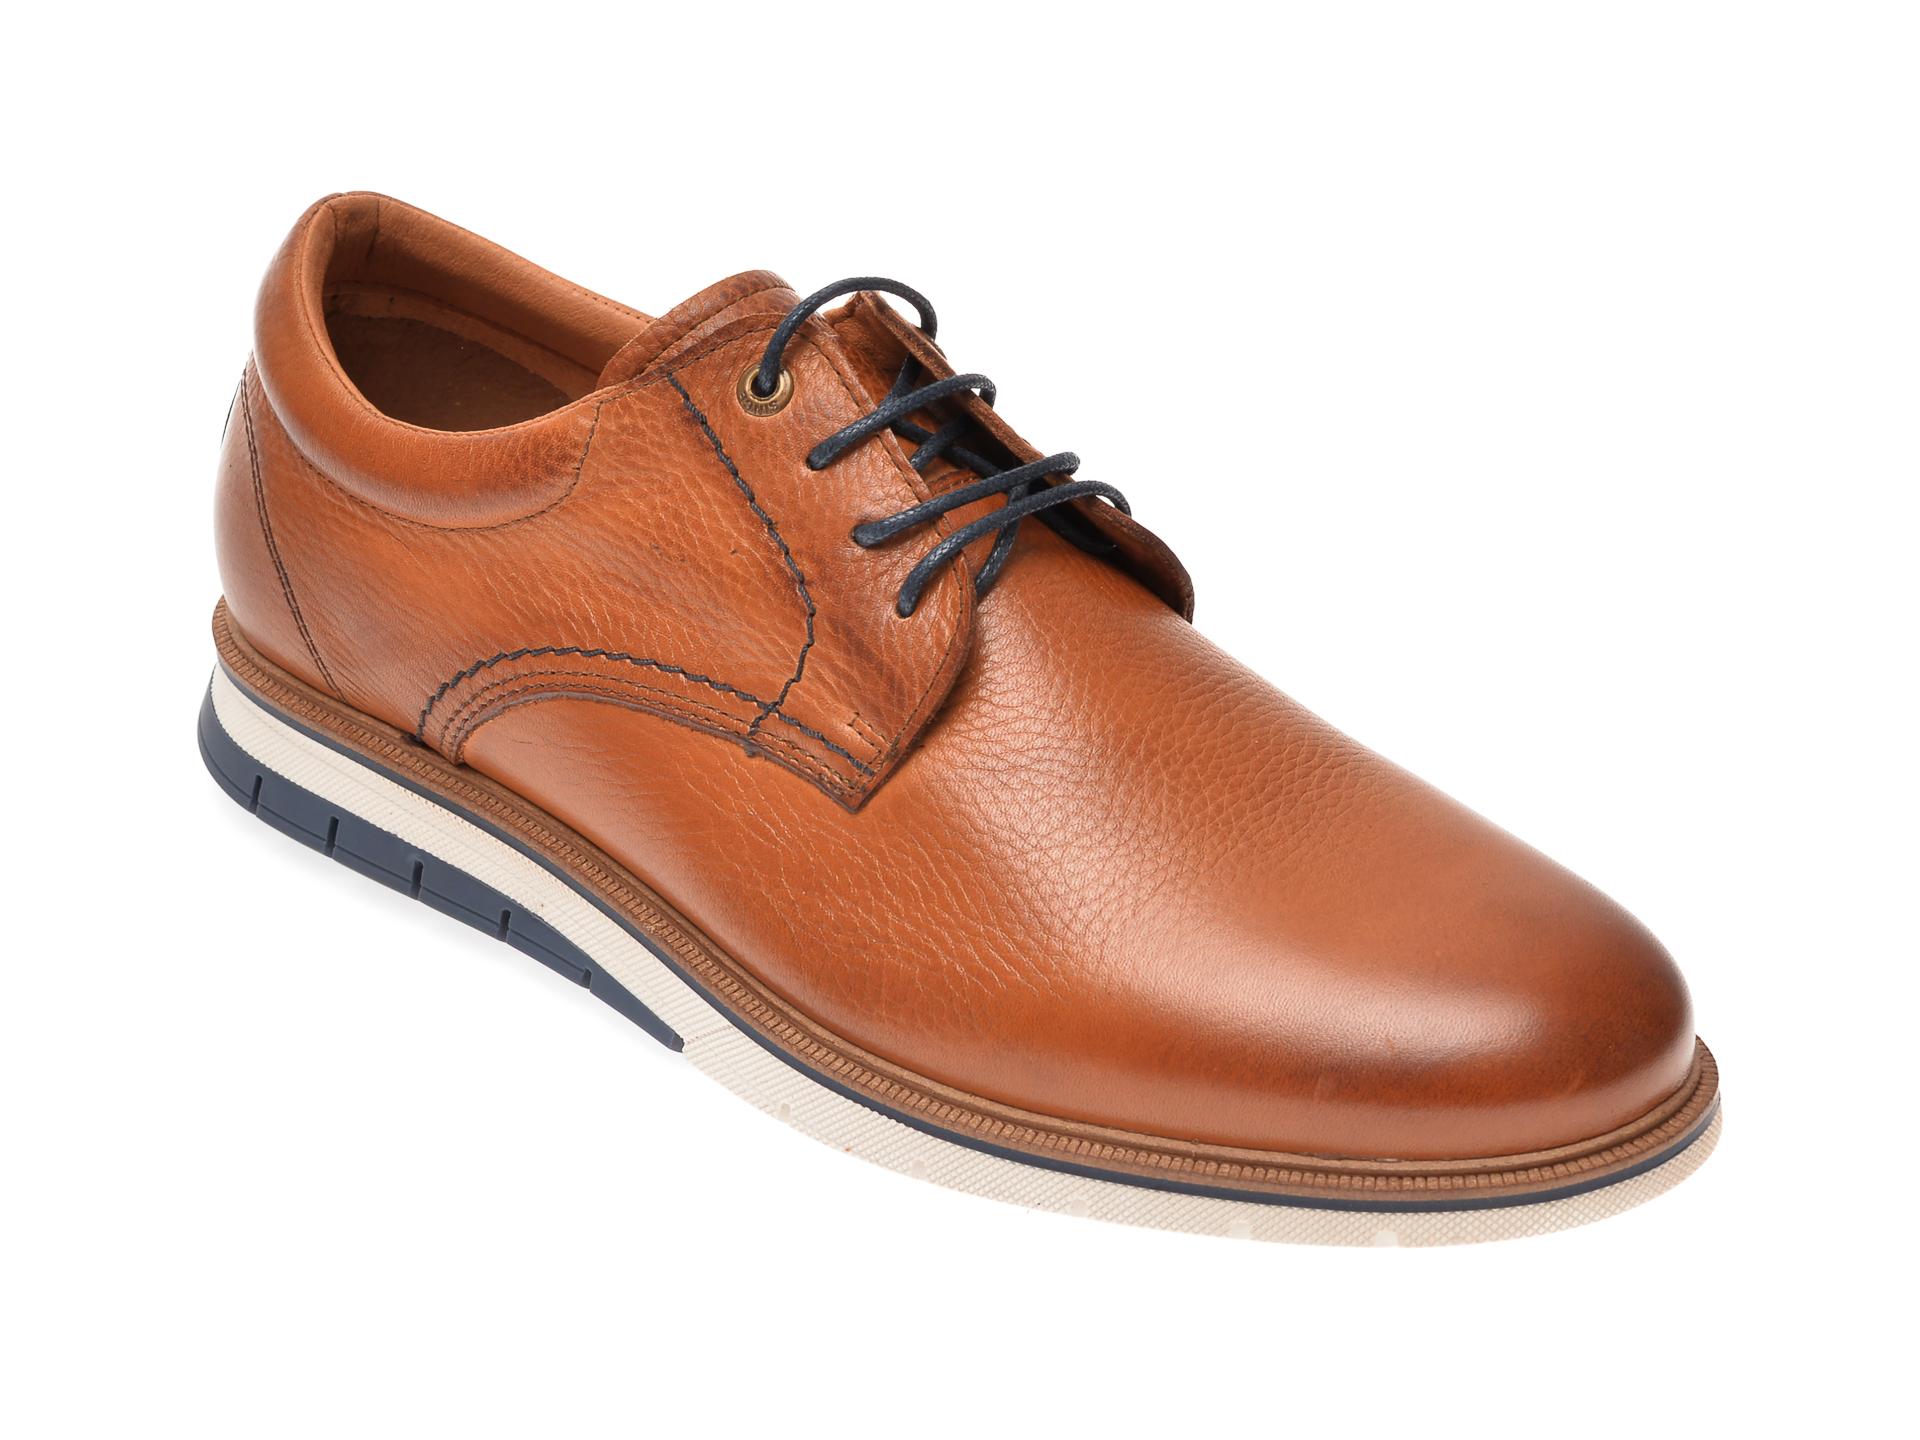 Pantofi SALAMANDER maro, 56515, din piele naturala imagine